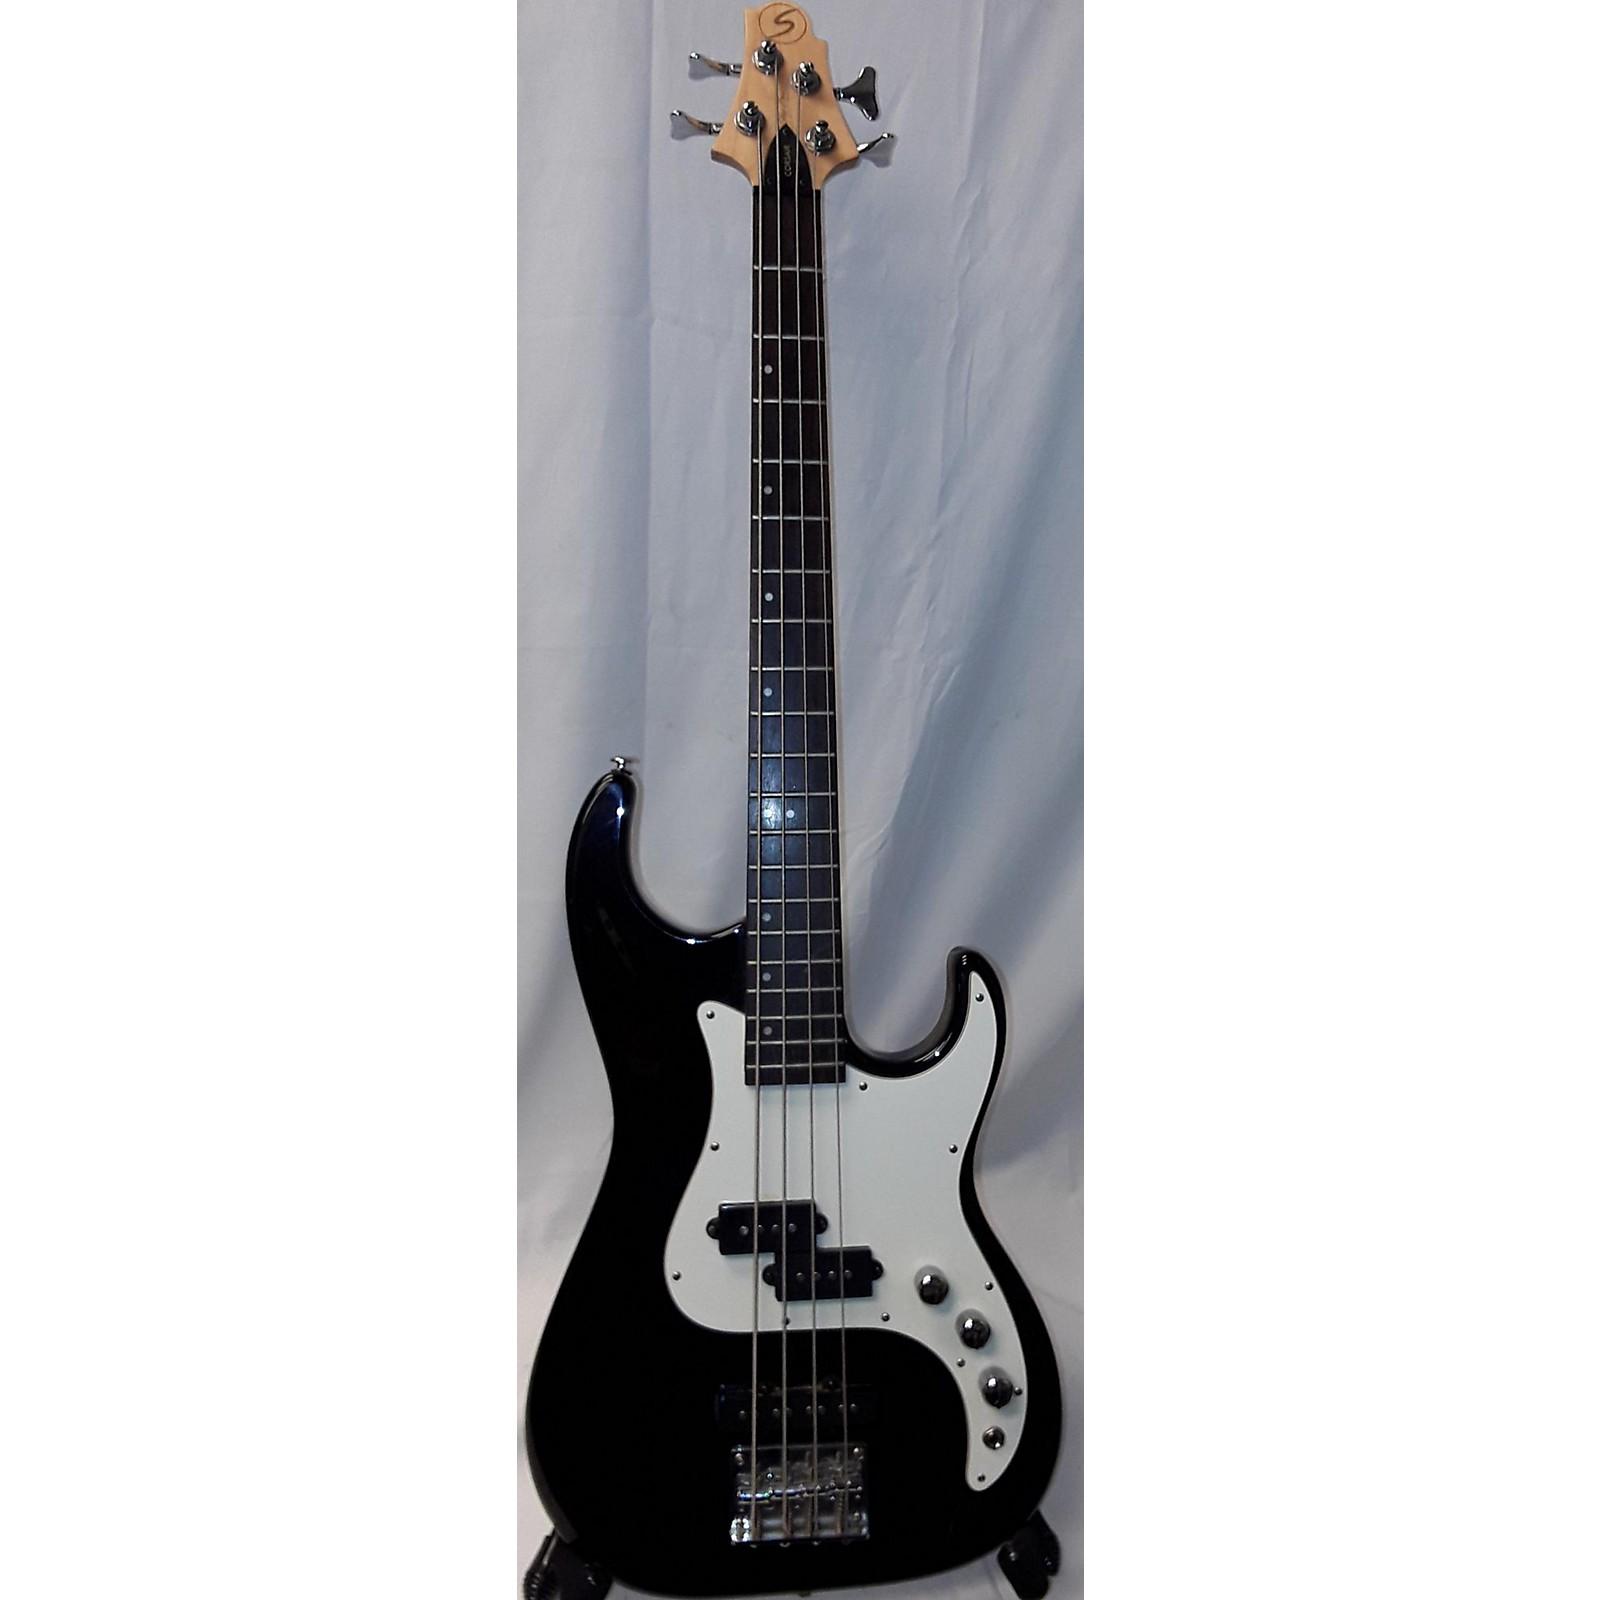 Samick Corsair Electric Bass Guitar